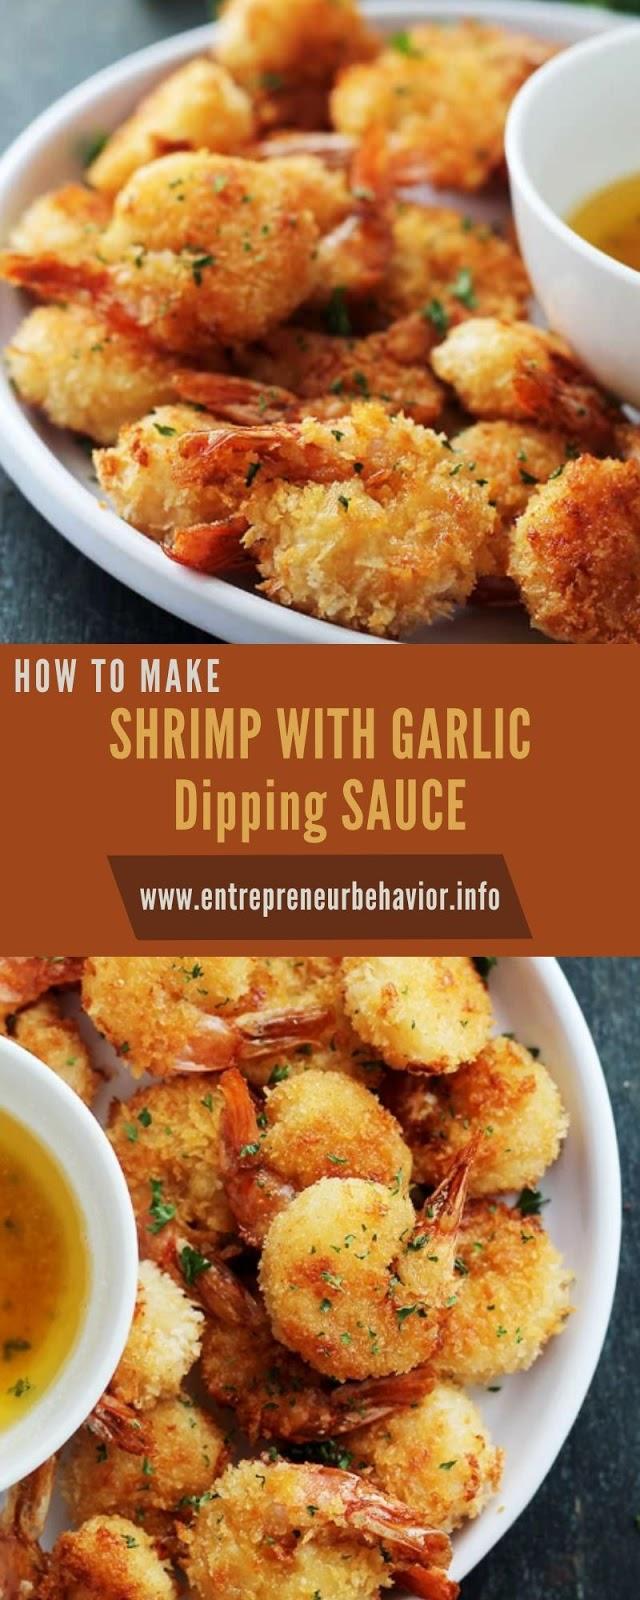 SHRIMP WITH GARLIC Dipping SAUCE